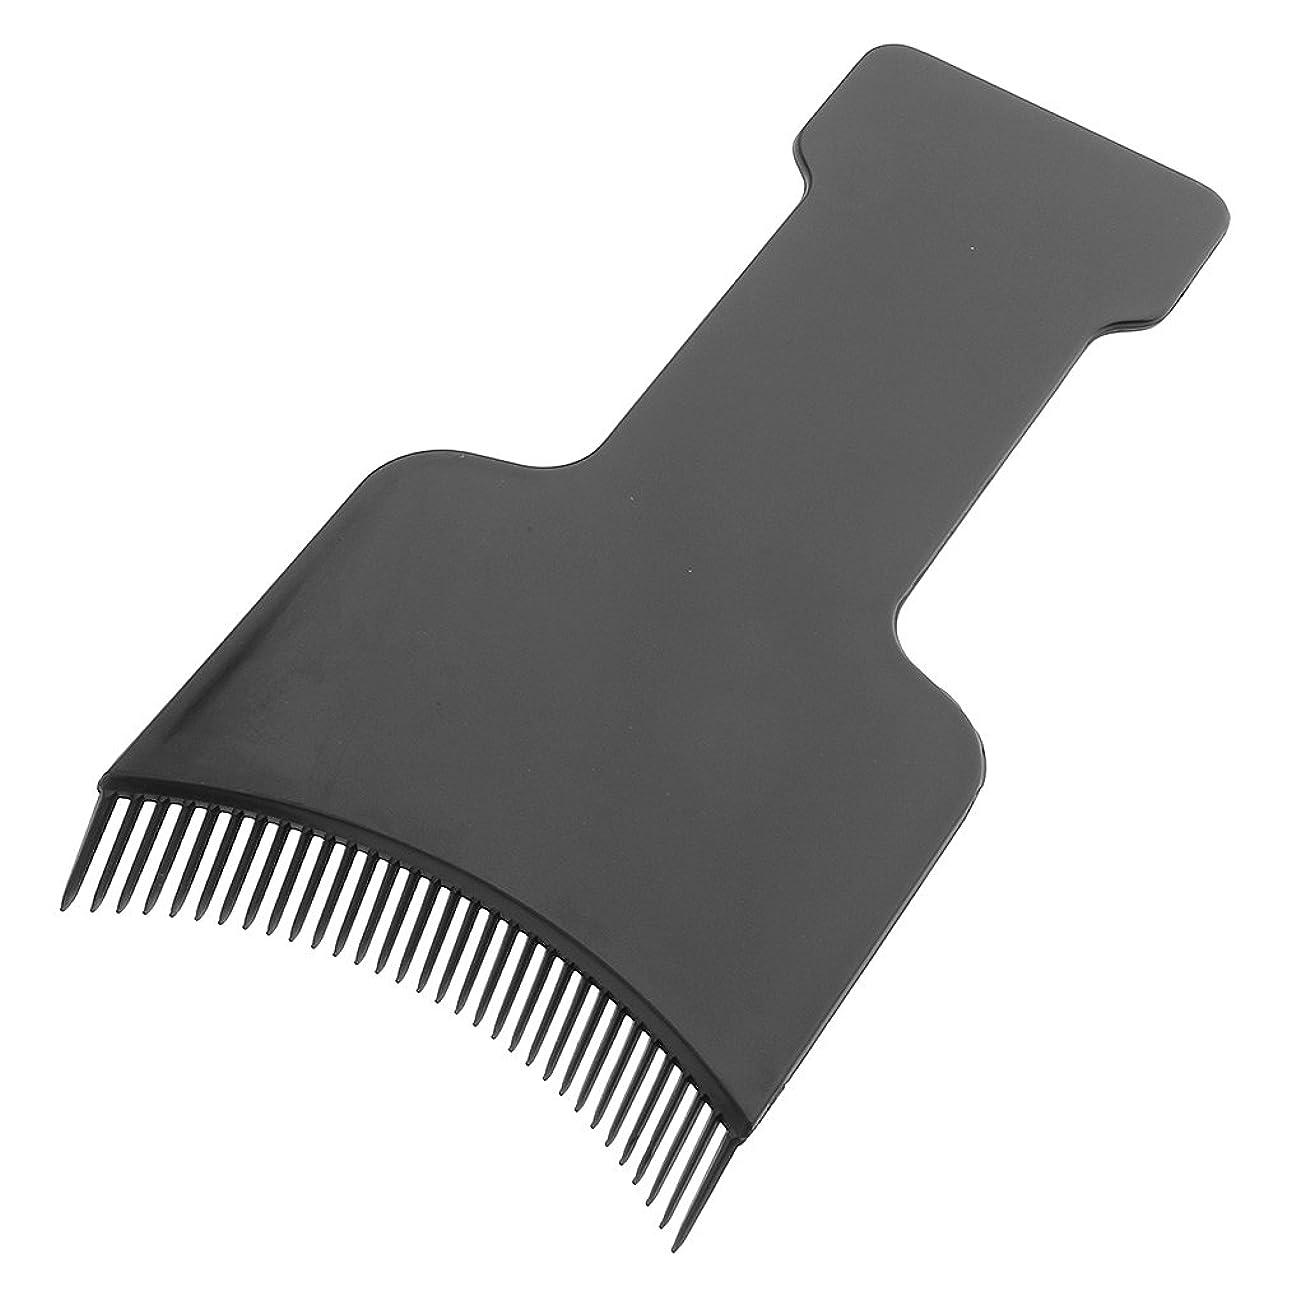 肖像画ヘッジハブブPerfeclan ヘアカラーボード サロン ヘアカラー 美容 ヘア ツール 髪 保護 ブラック 全4サイズ - S